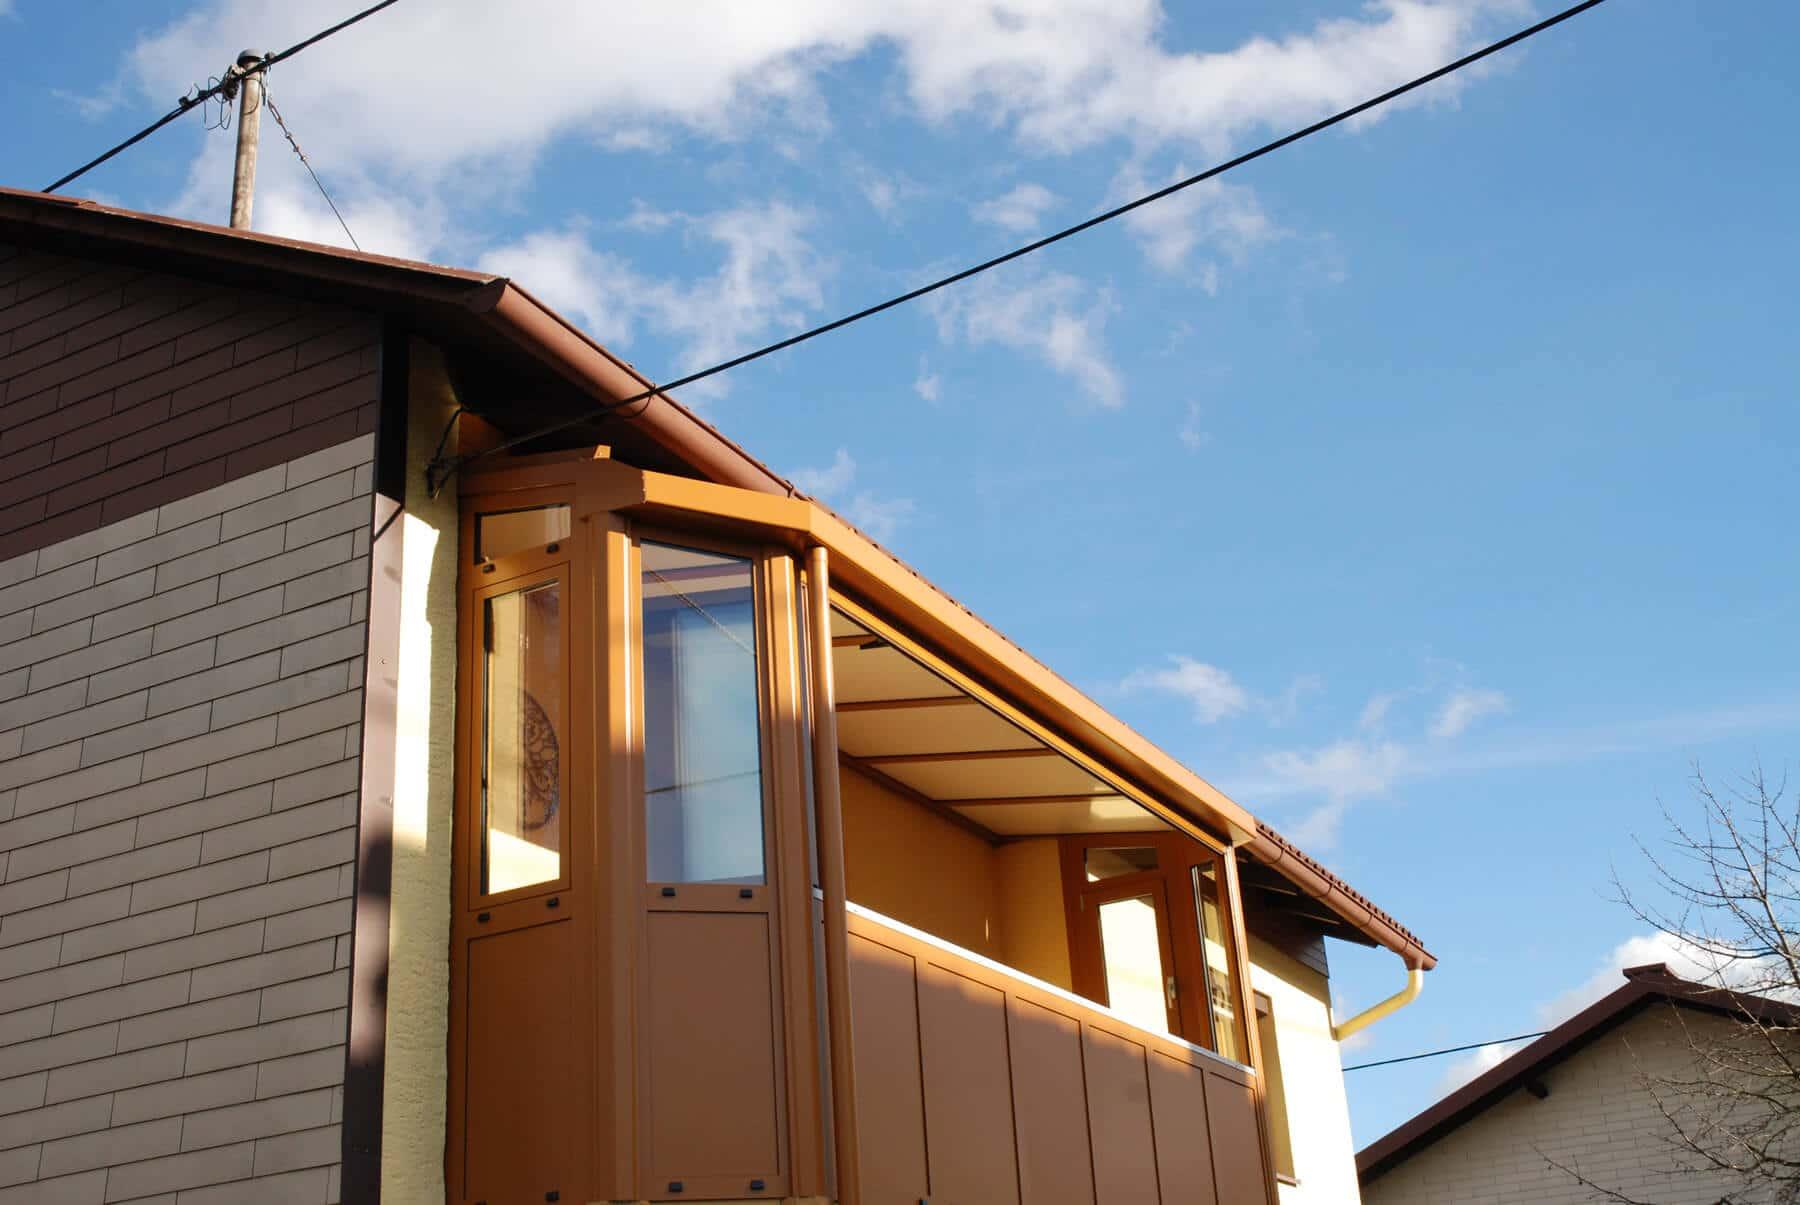 moderne terrassen berdachung in grau mit windschutz zum schieben. Black Bedroom Furniture Sets. Home Design Ideas